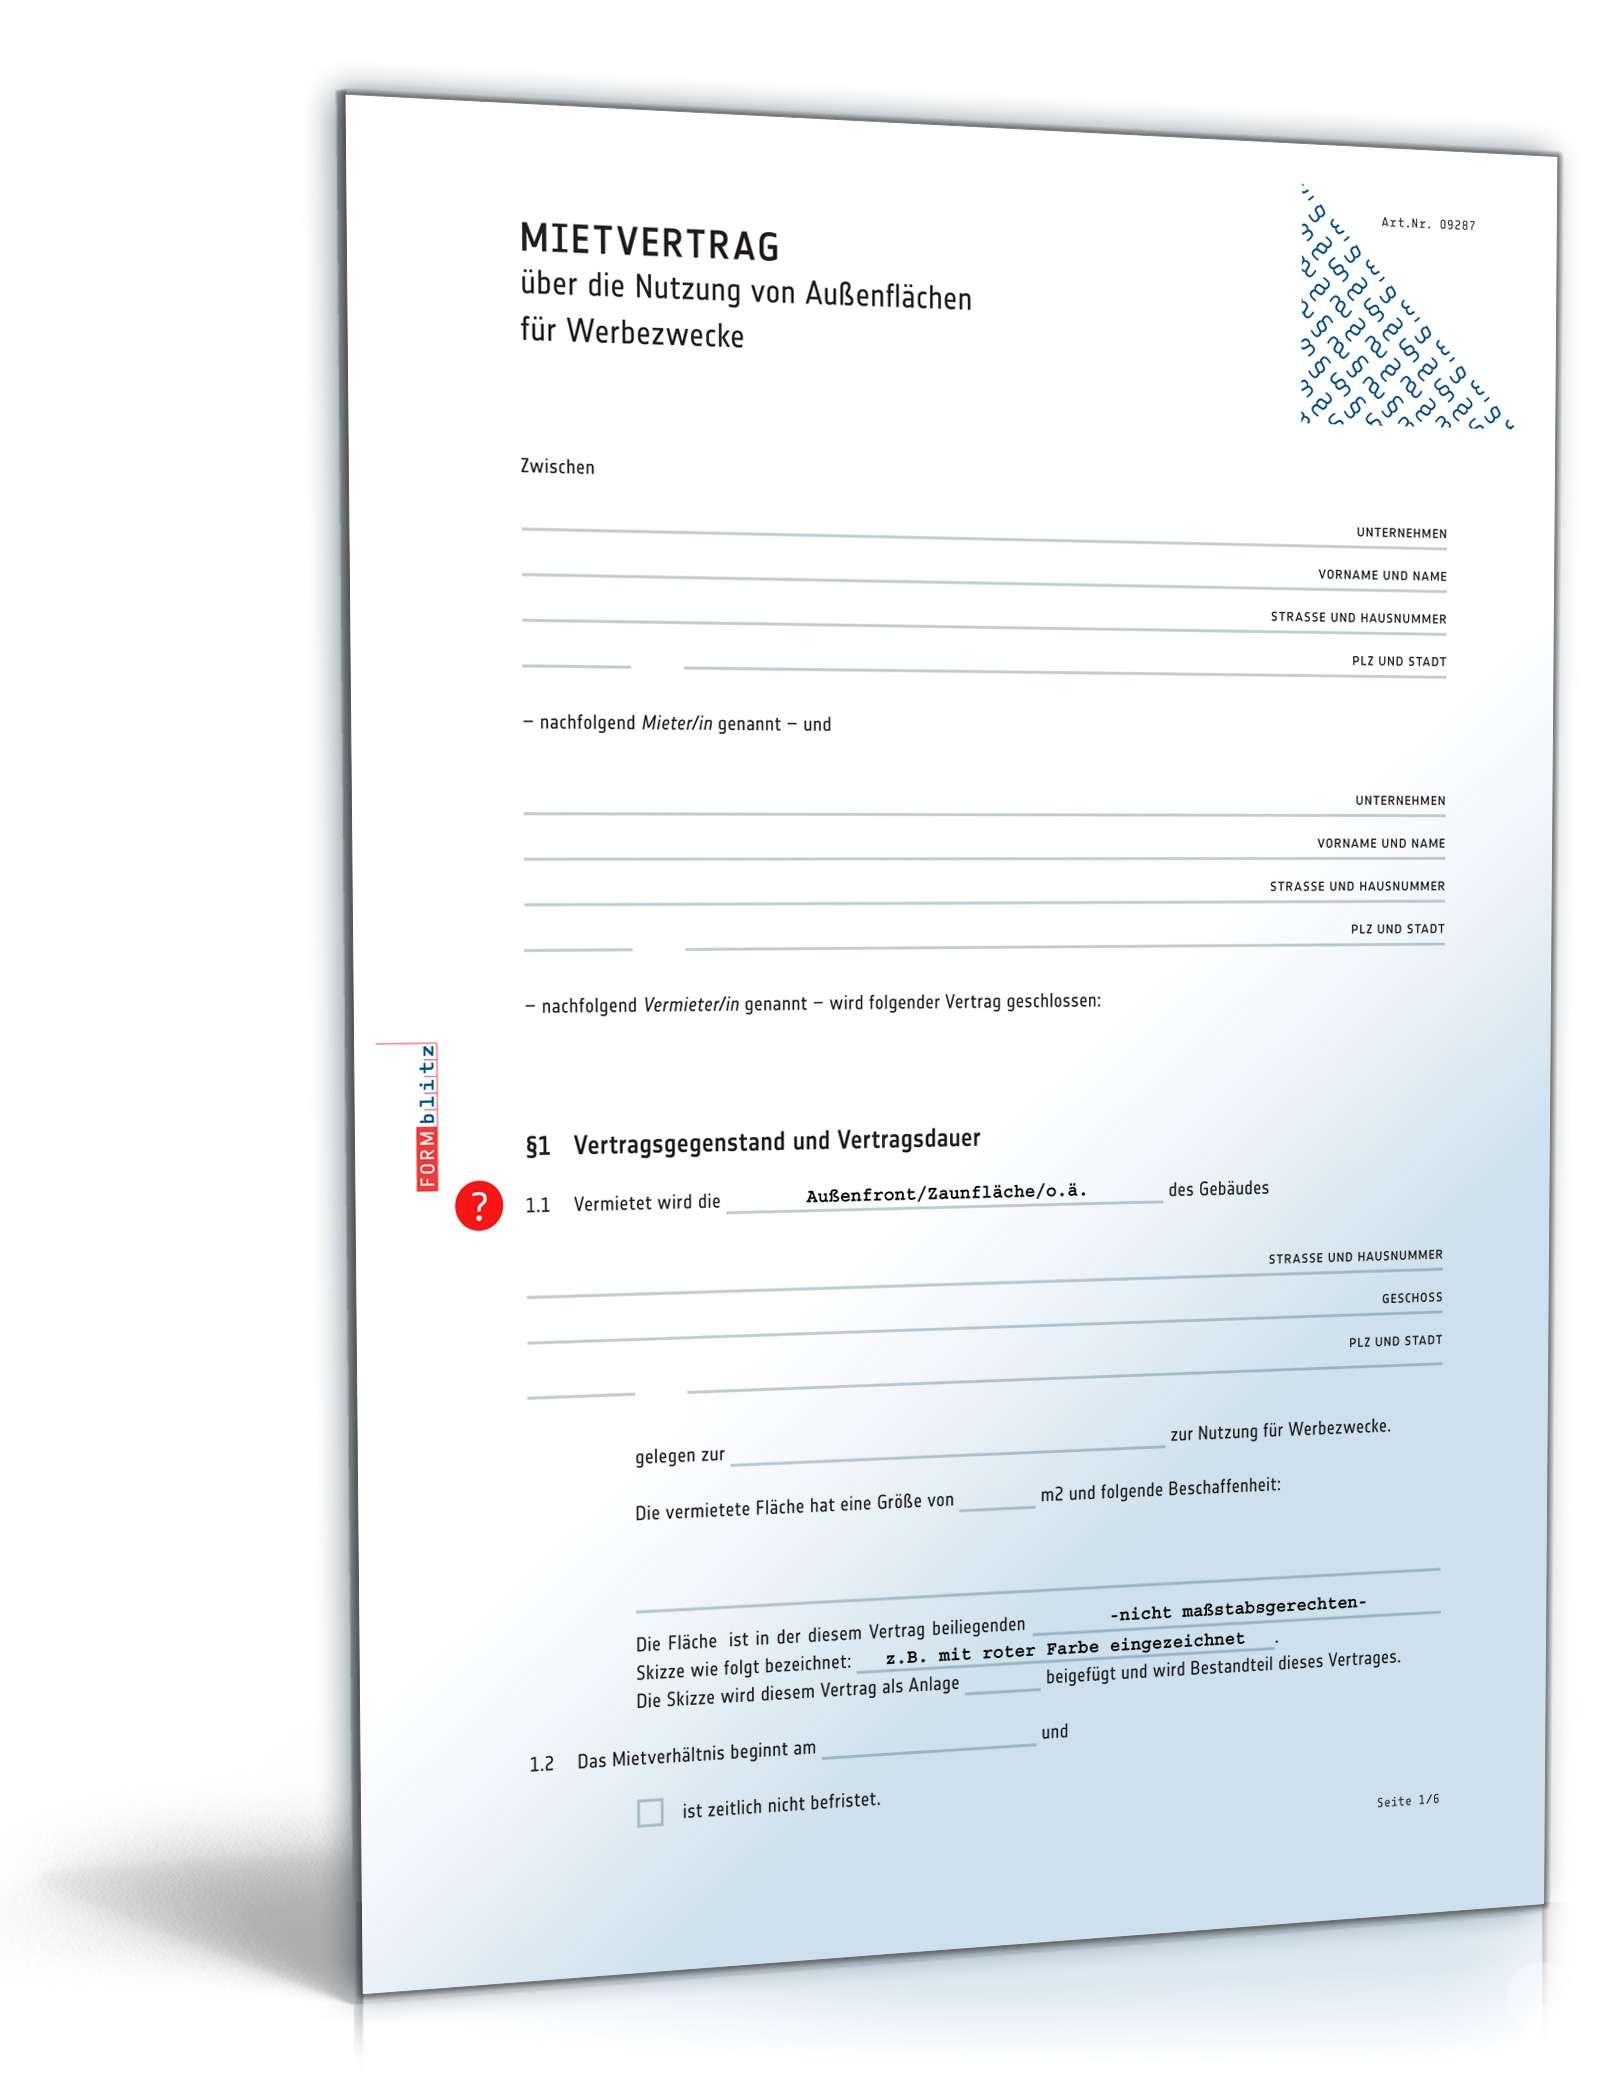 Mietvertrag Nutzung Werbefläche Muster Pdf Word Zum Download